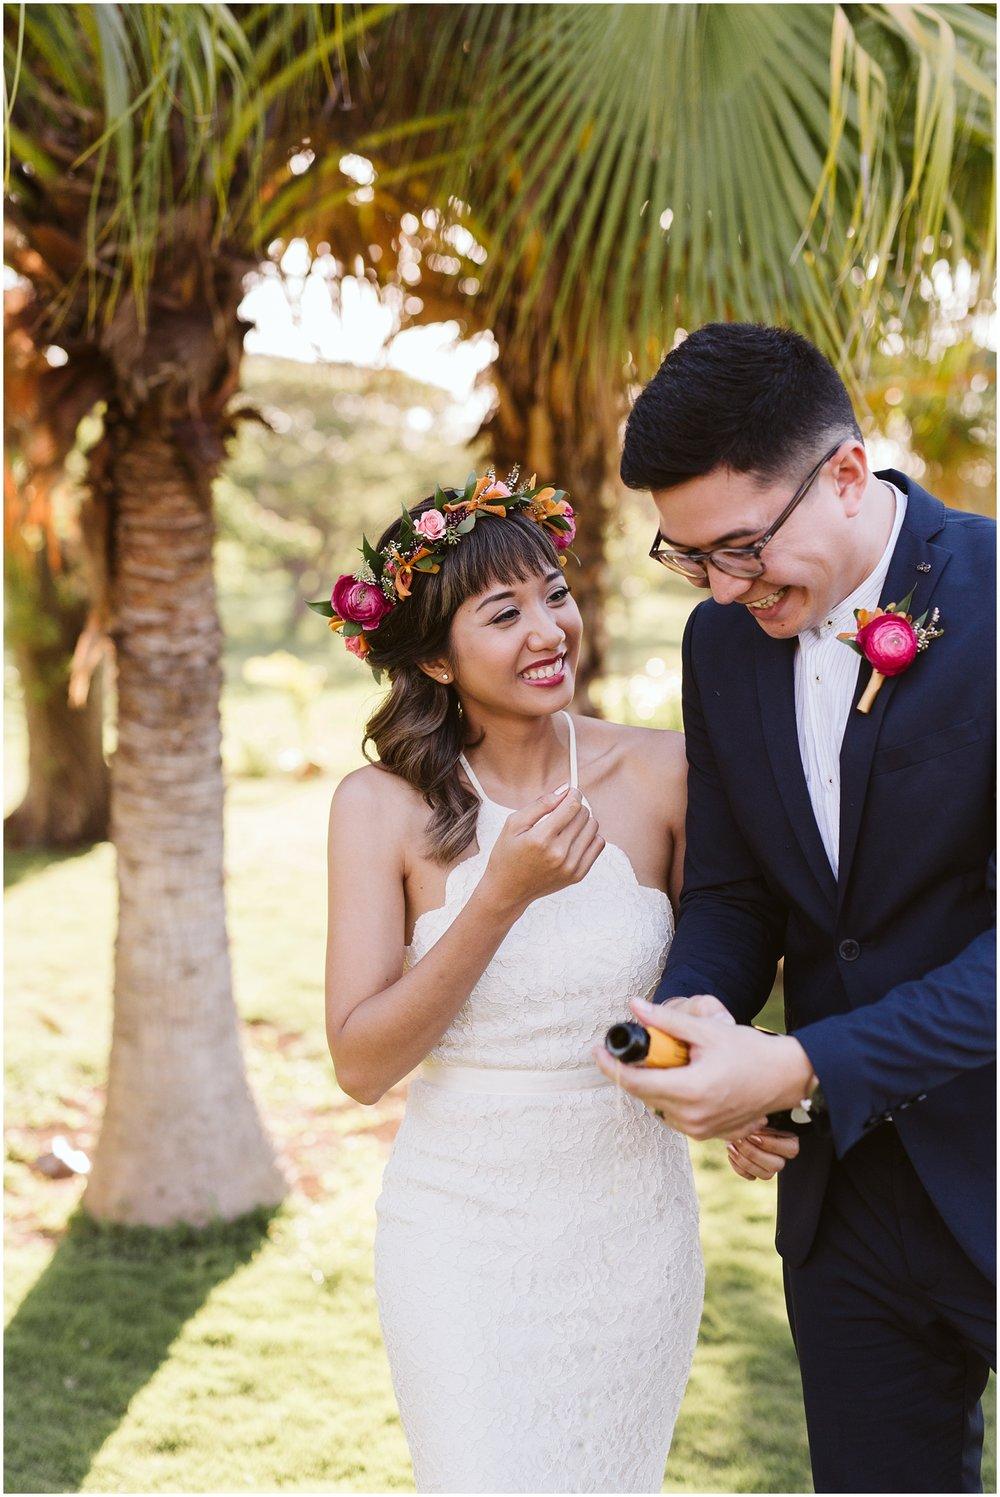 Dillingham-Ranch-Wedding-Photos-Waialua-Hawaii_0053.jpg